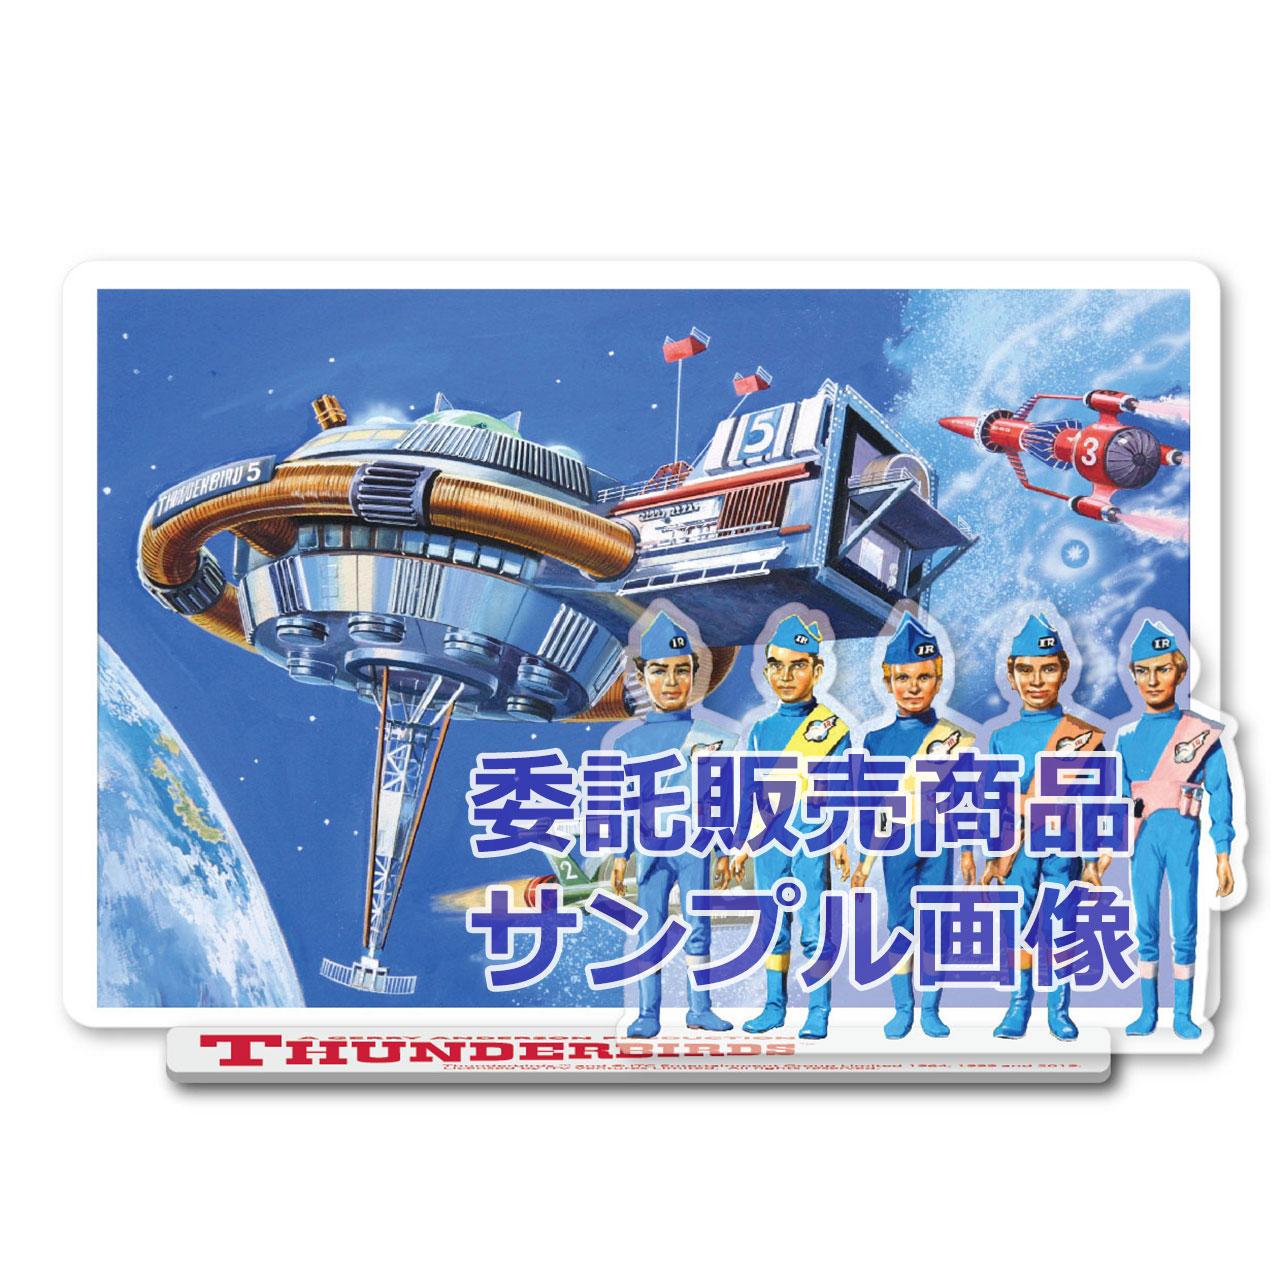 「サンダーバード」アクリルスタンドフィギュア5号